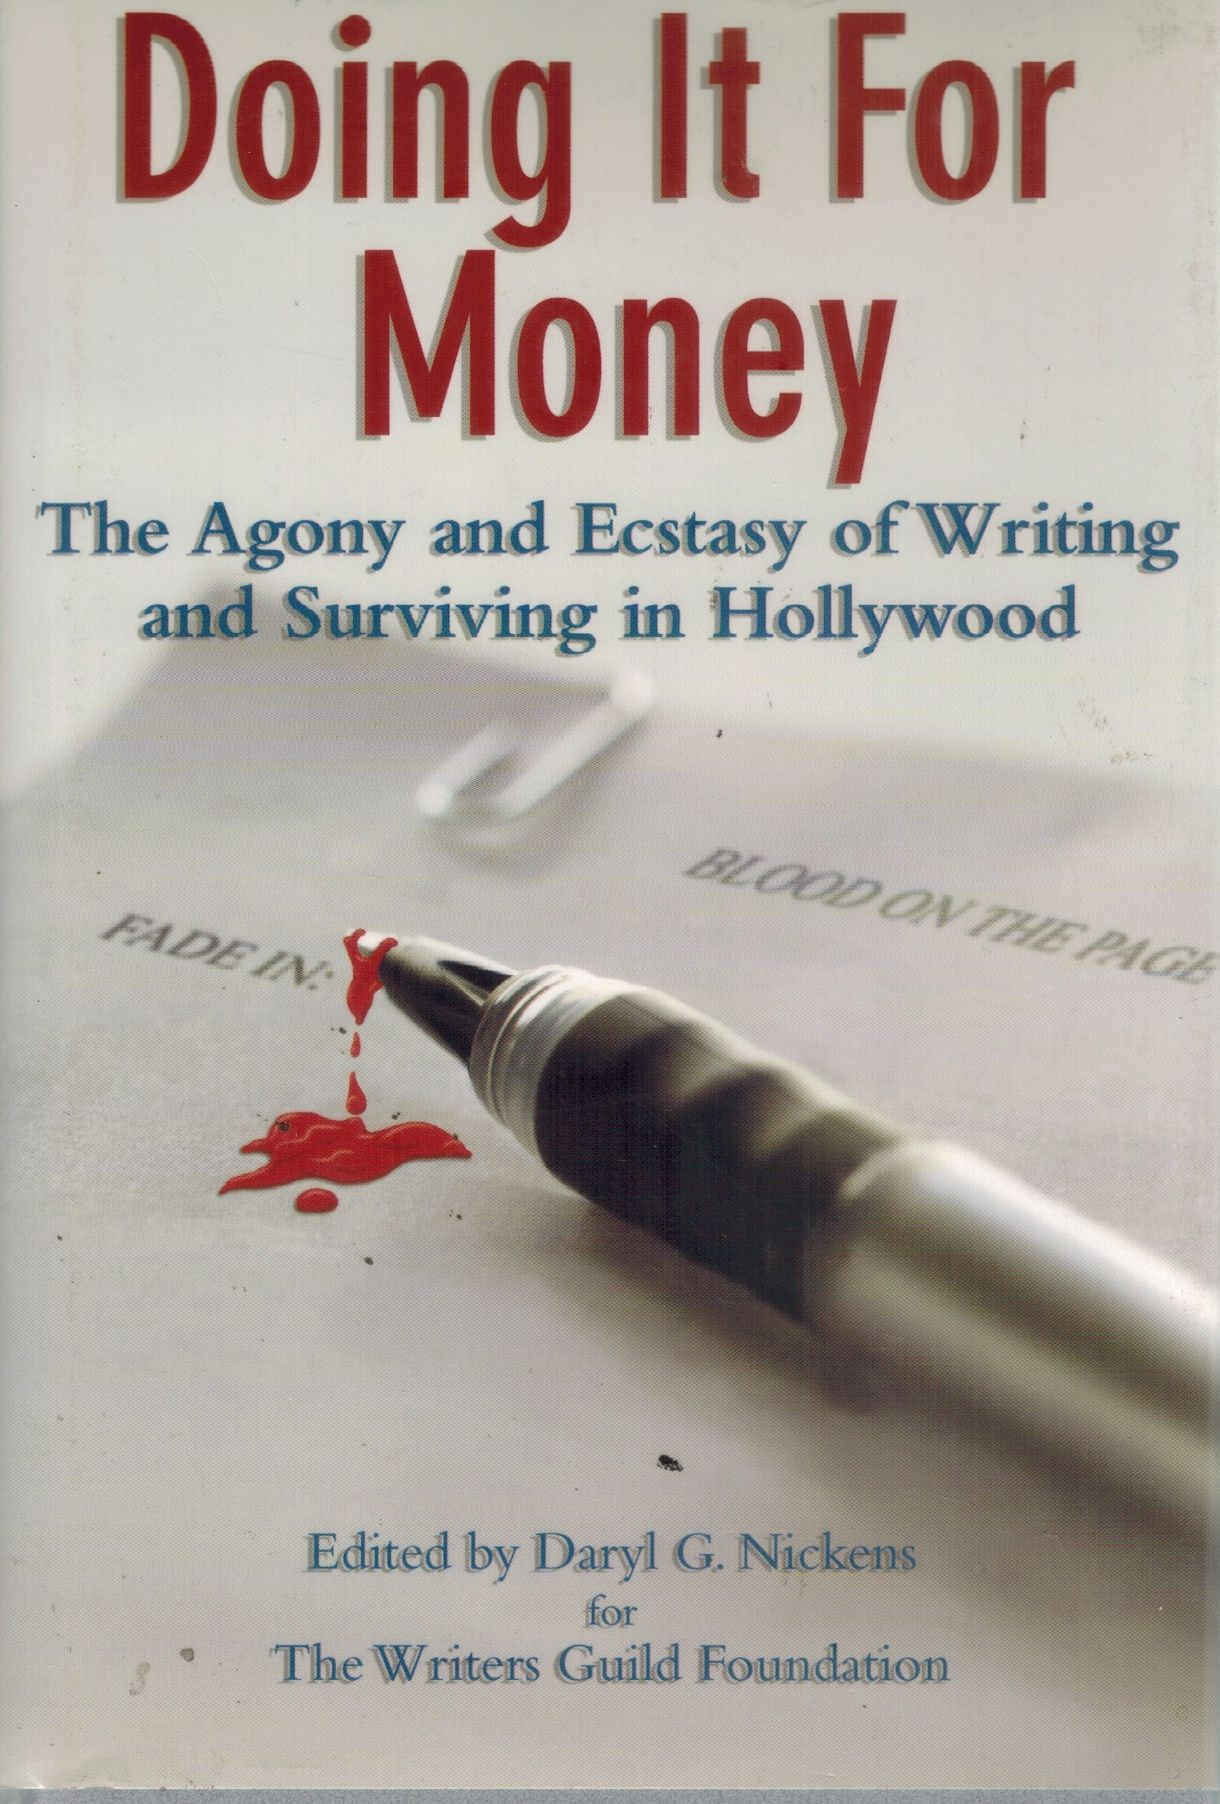 essay themen abi Wer ein essay schreiben möchte essay schreiben - eine geistreiche abhandlung verfassen beispiel-themen - duration: 5:42 how to.